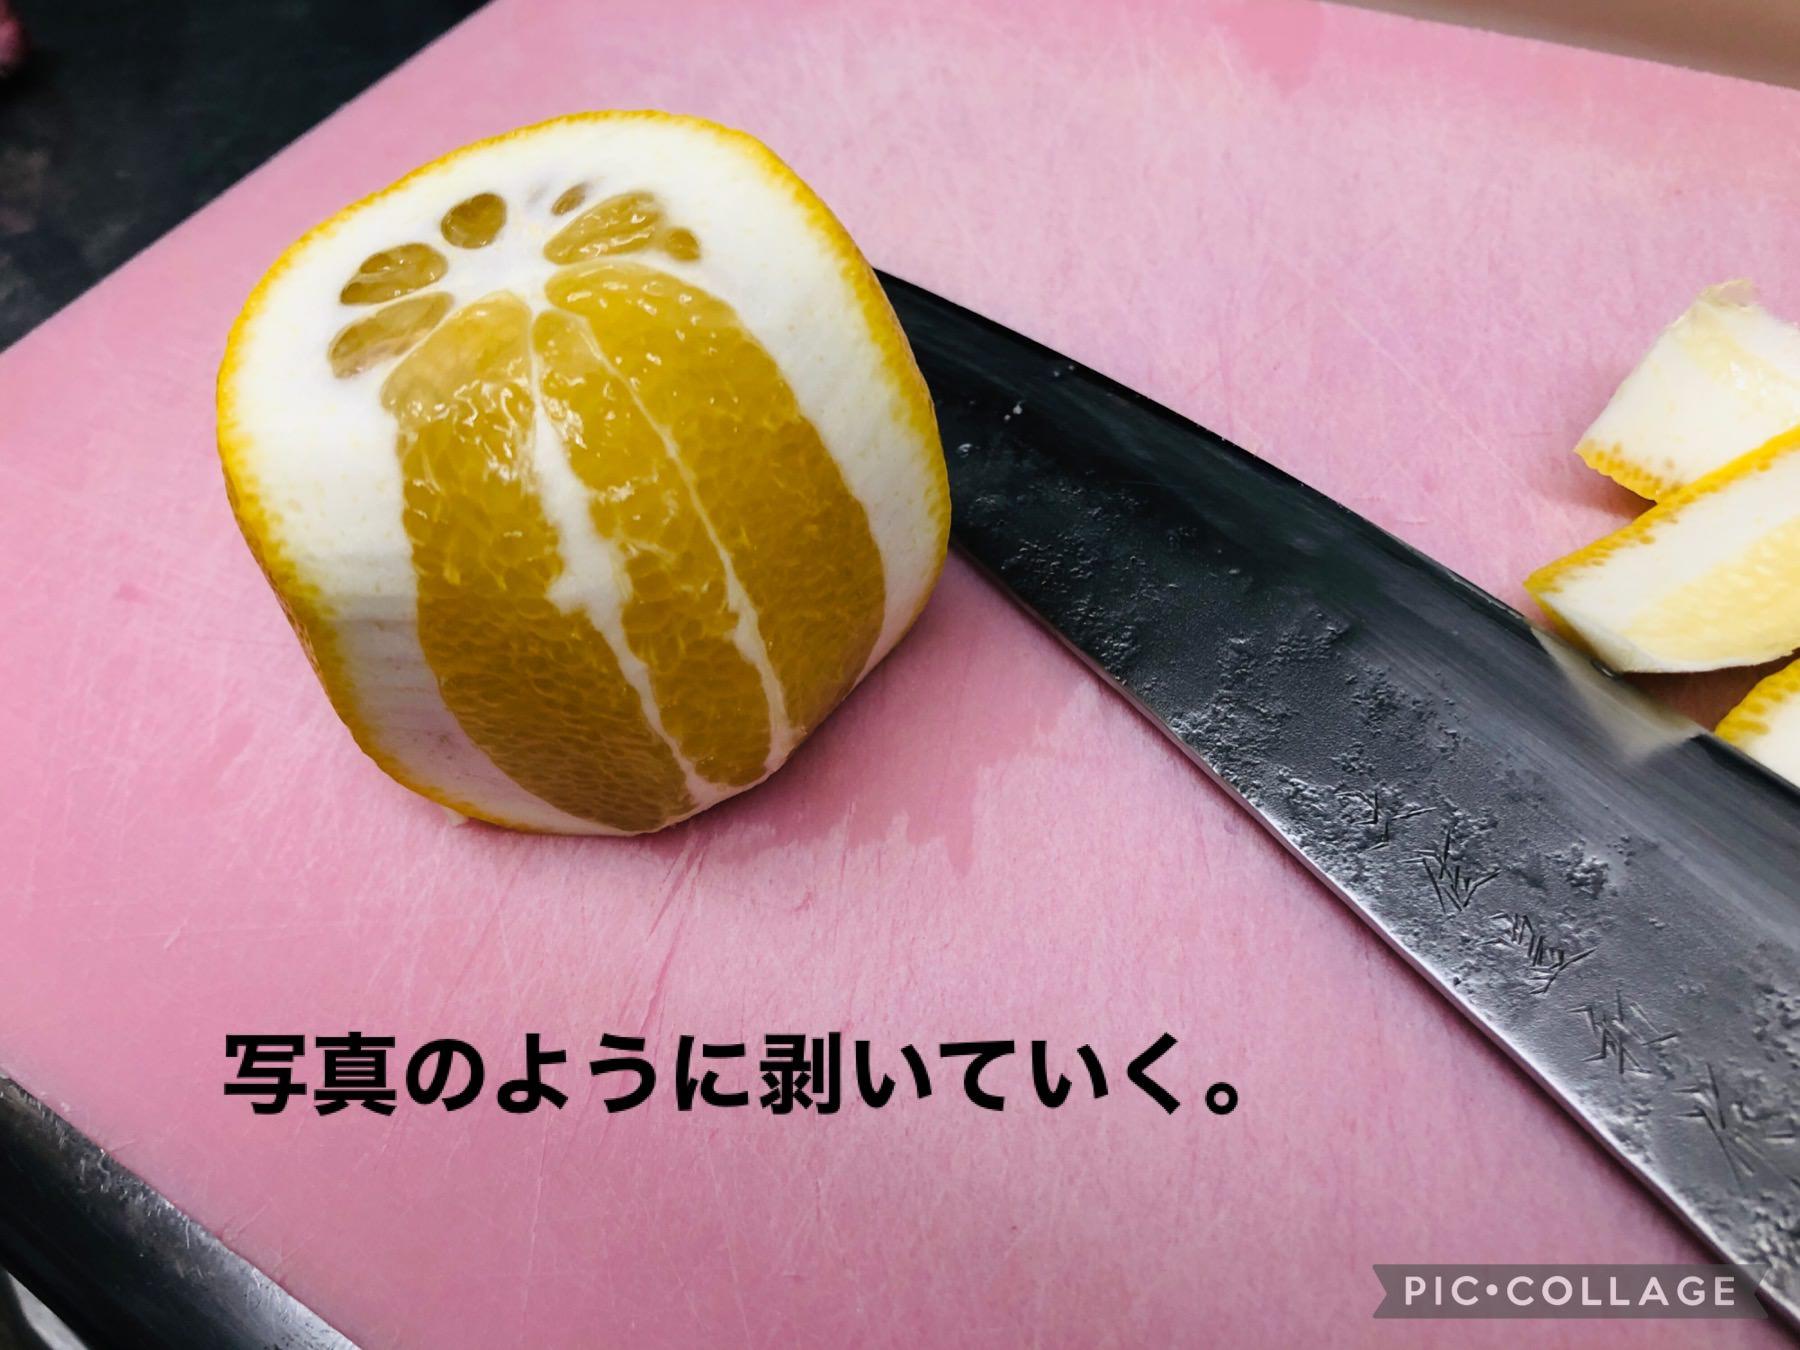 レモンを果肉だけの状態にするために、包丁でレモンを剥いている途中の画像です